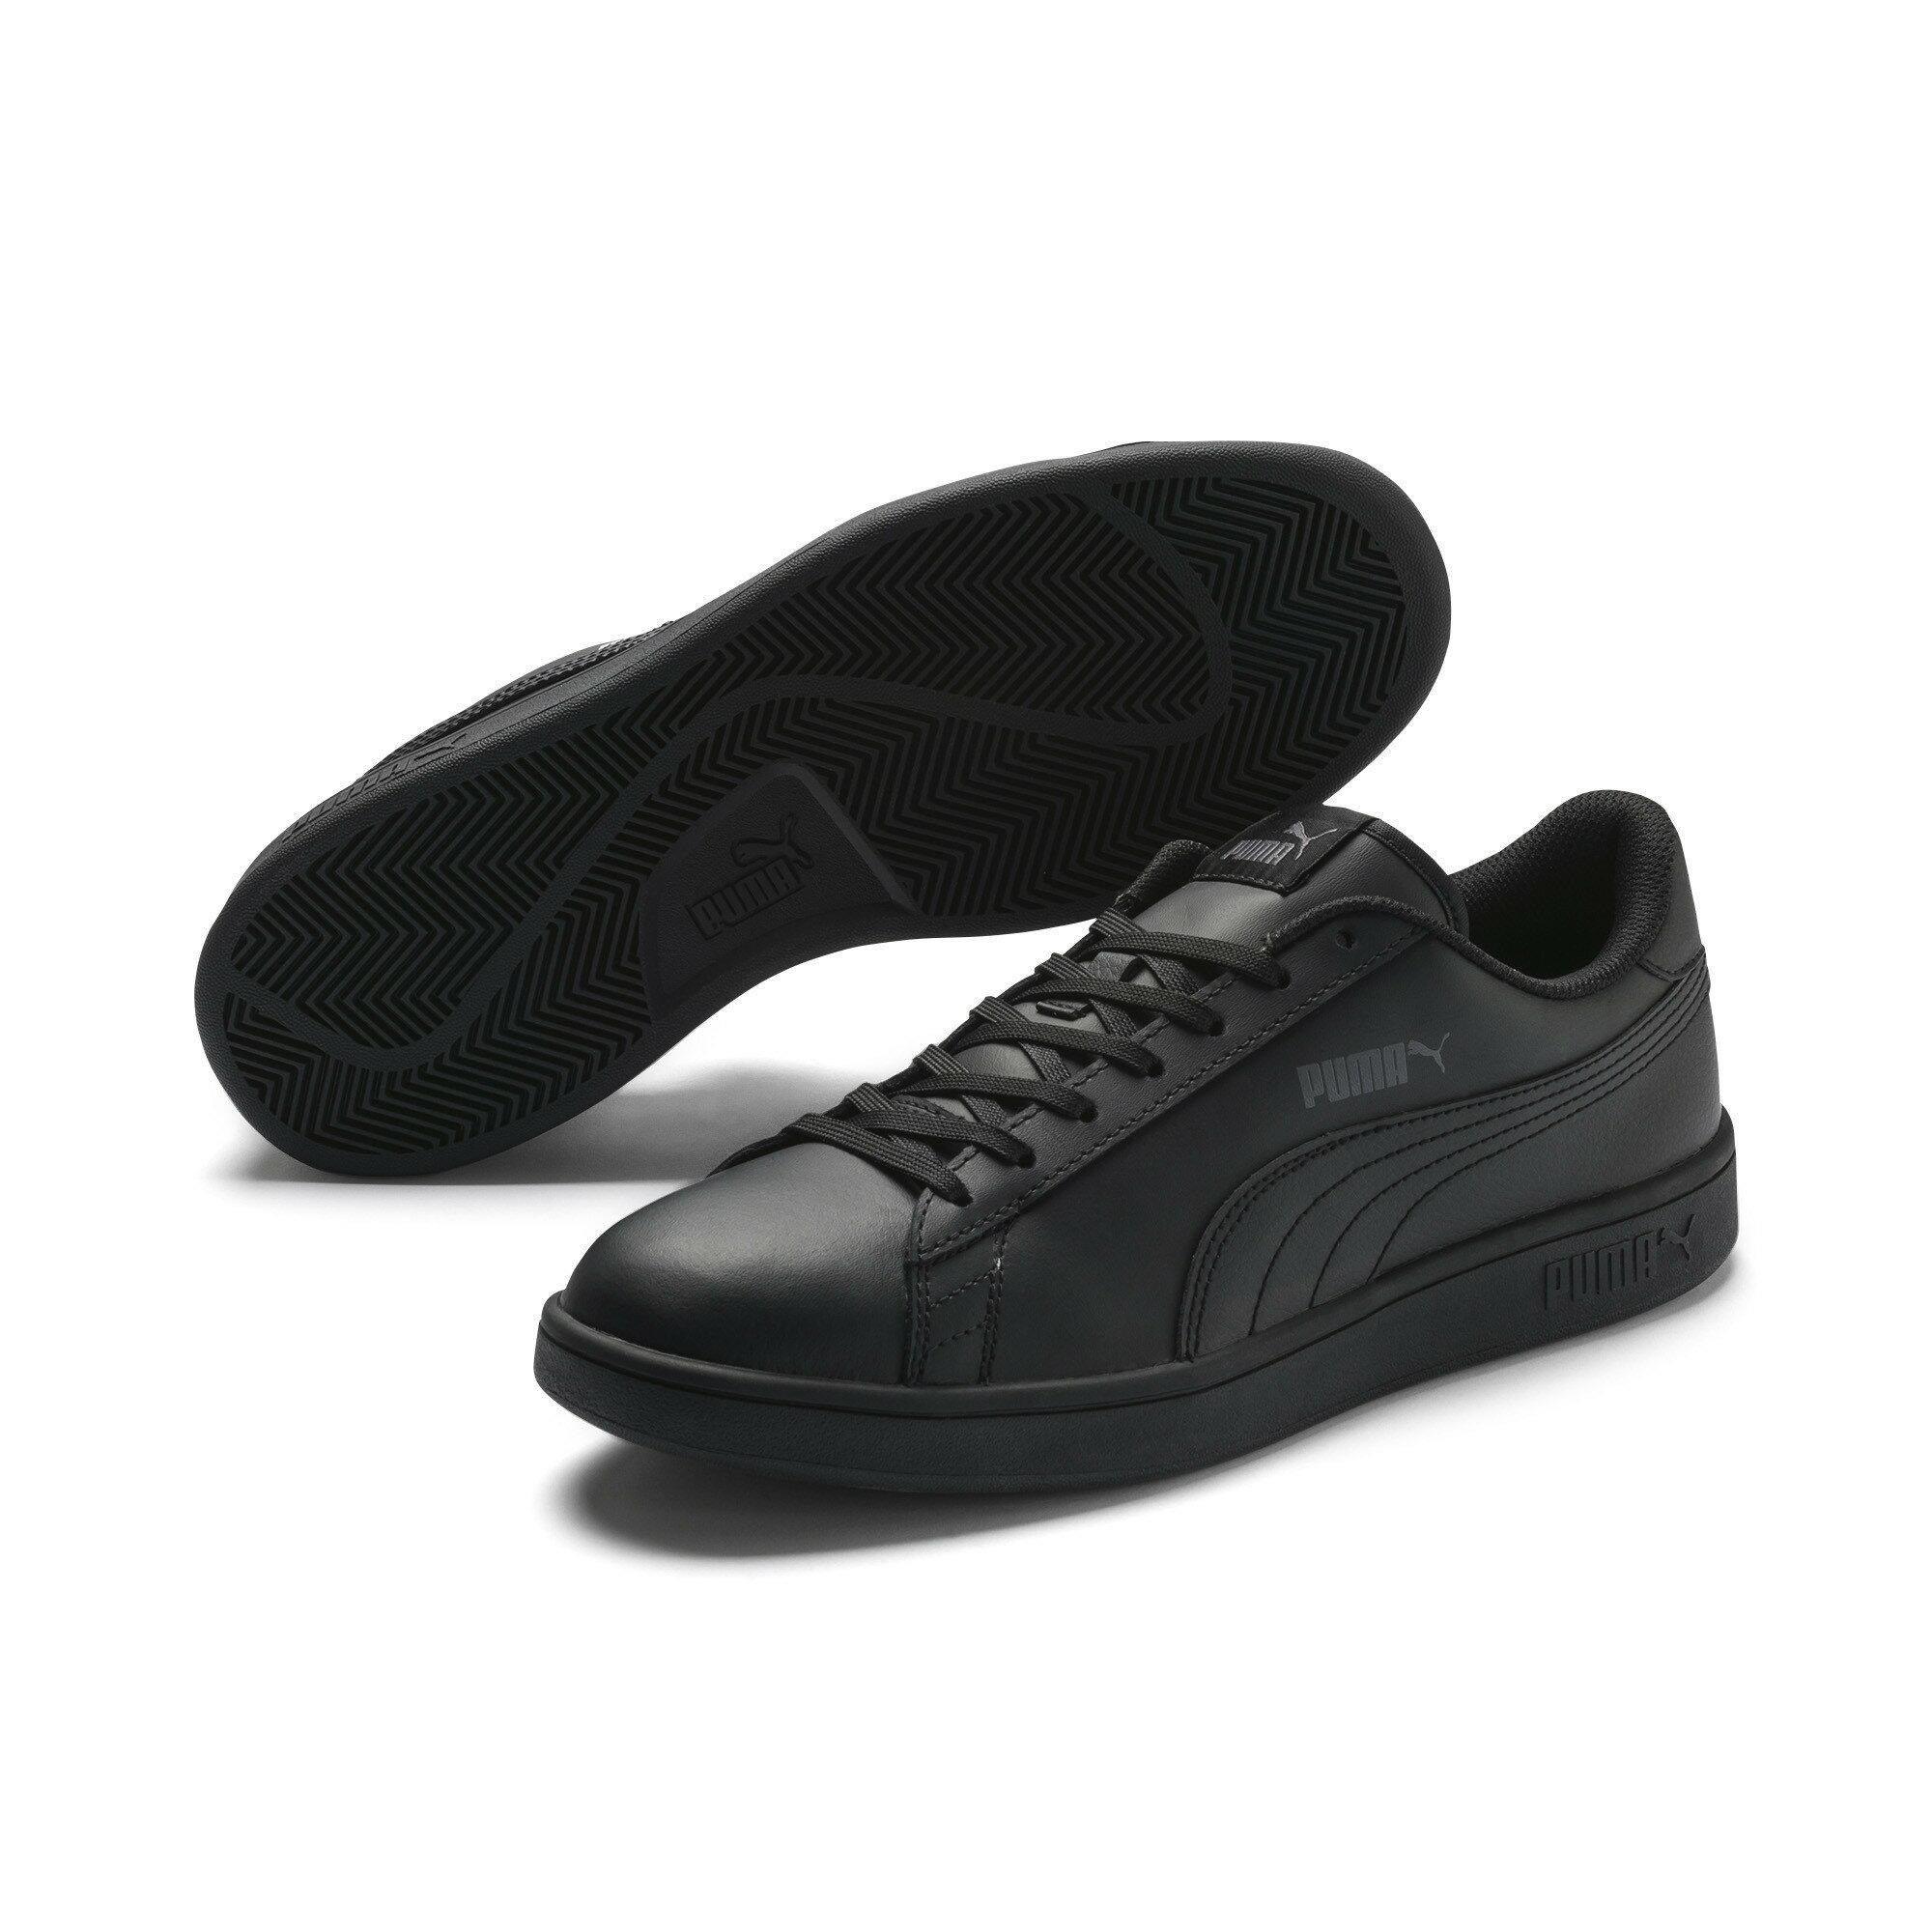 a7e1fc64cab Official Puma Store  PUMA Smash v2 Leather Sneakers